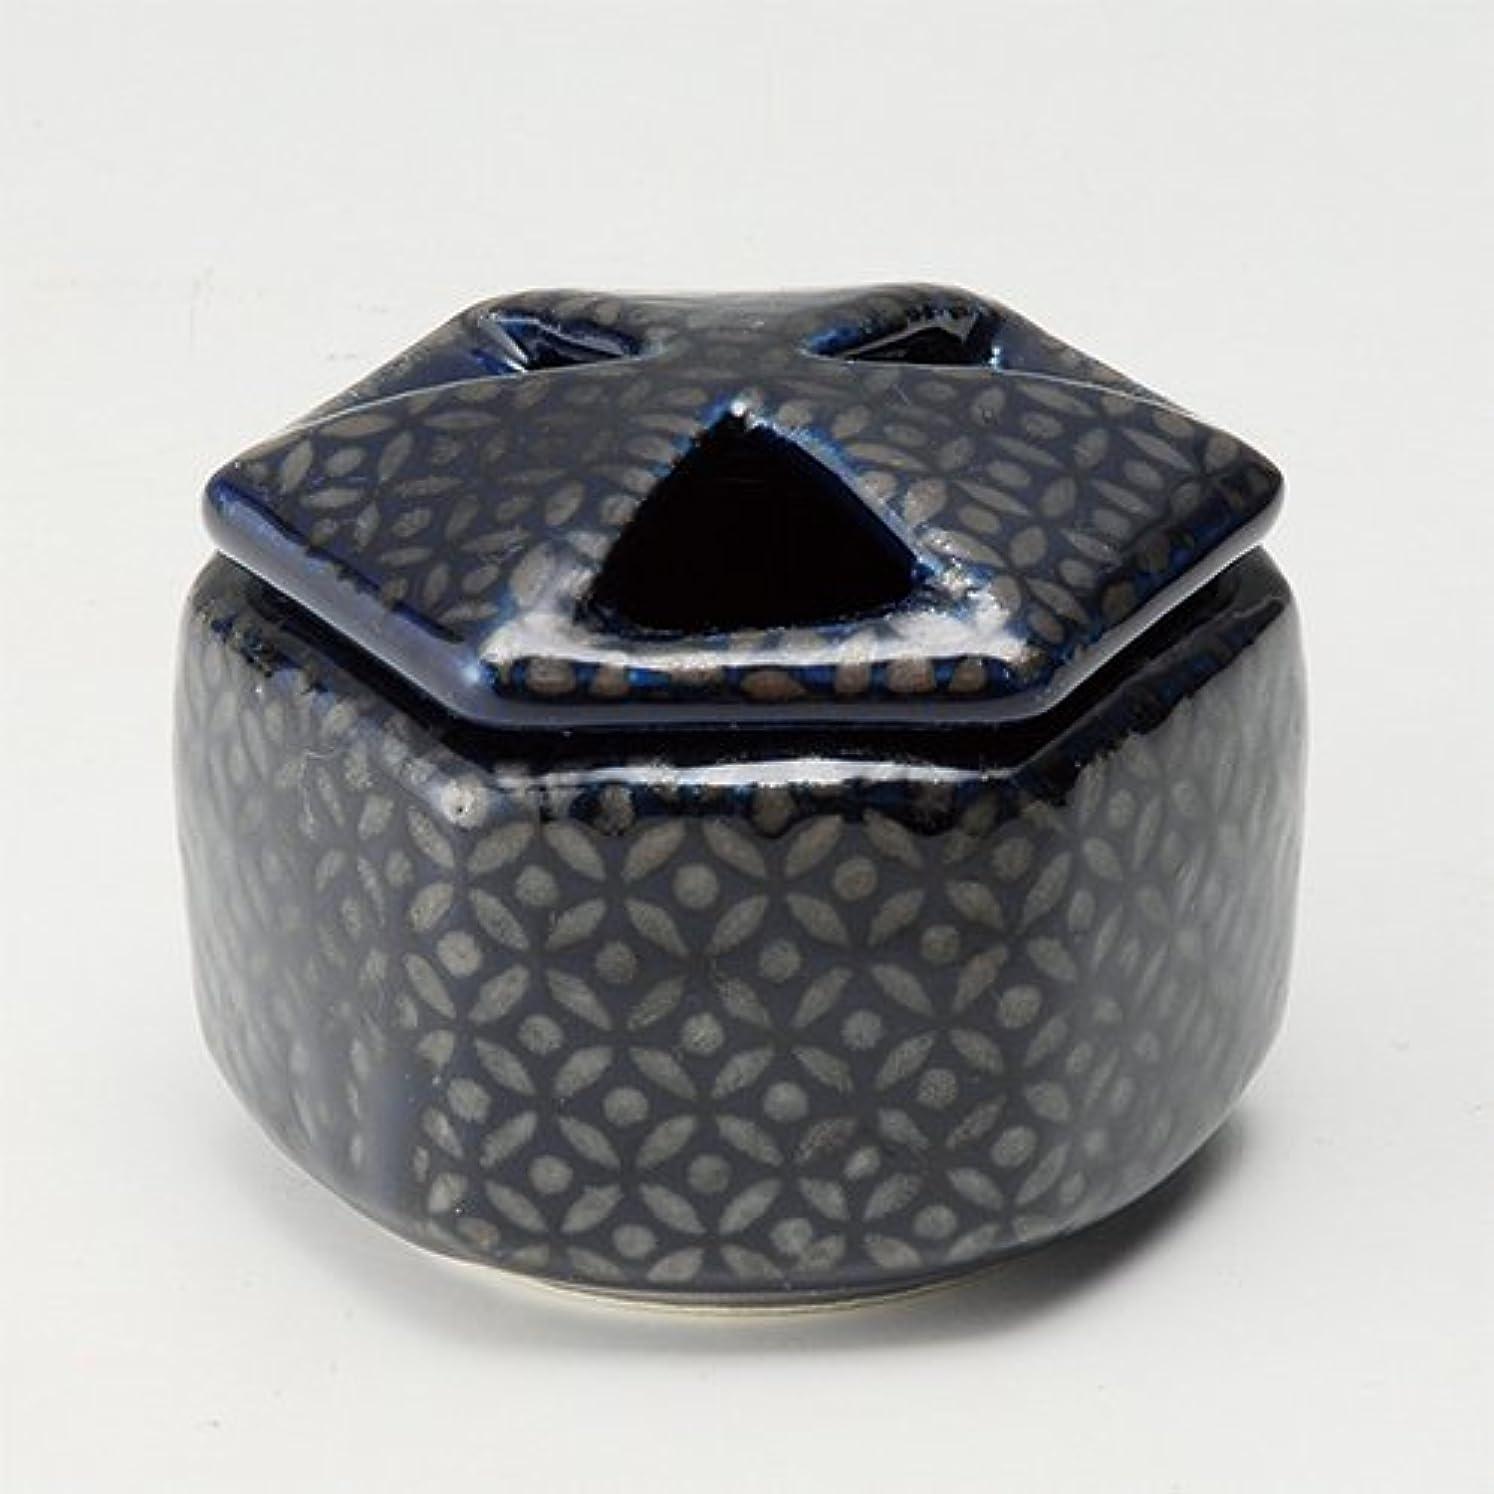 密度衝突コース憂鬱香炉 瑠璃七宝 六角香炉 [R8.8xH6.5cm] プレゼント ギフト 和食器 かわいい インテリア